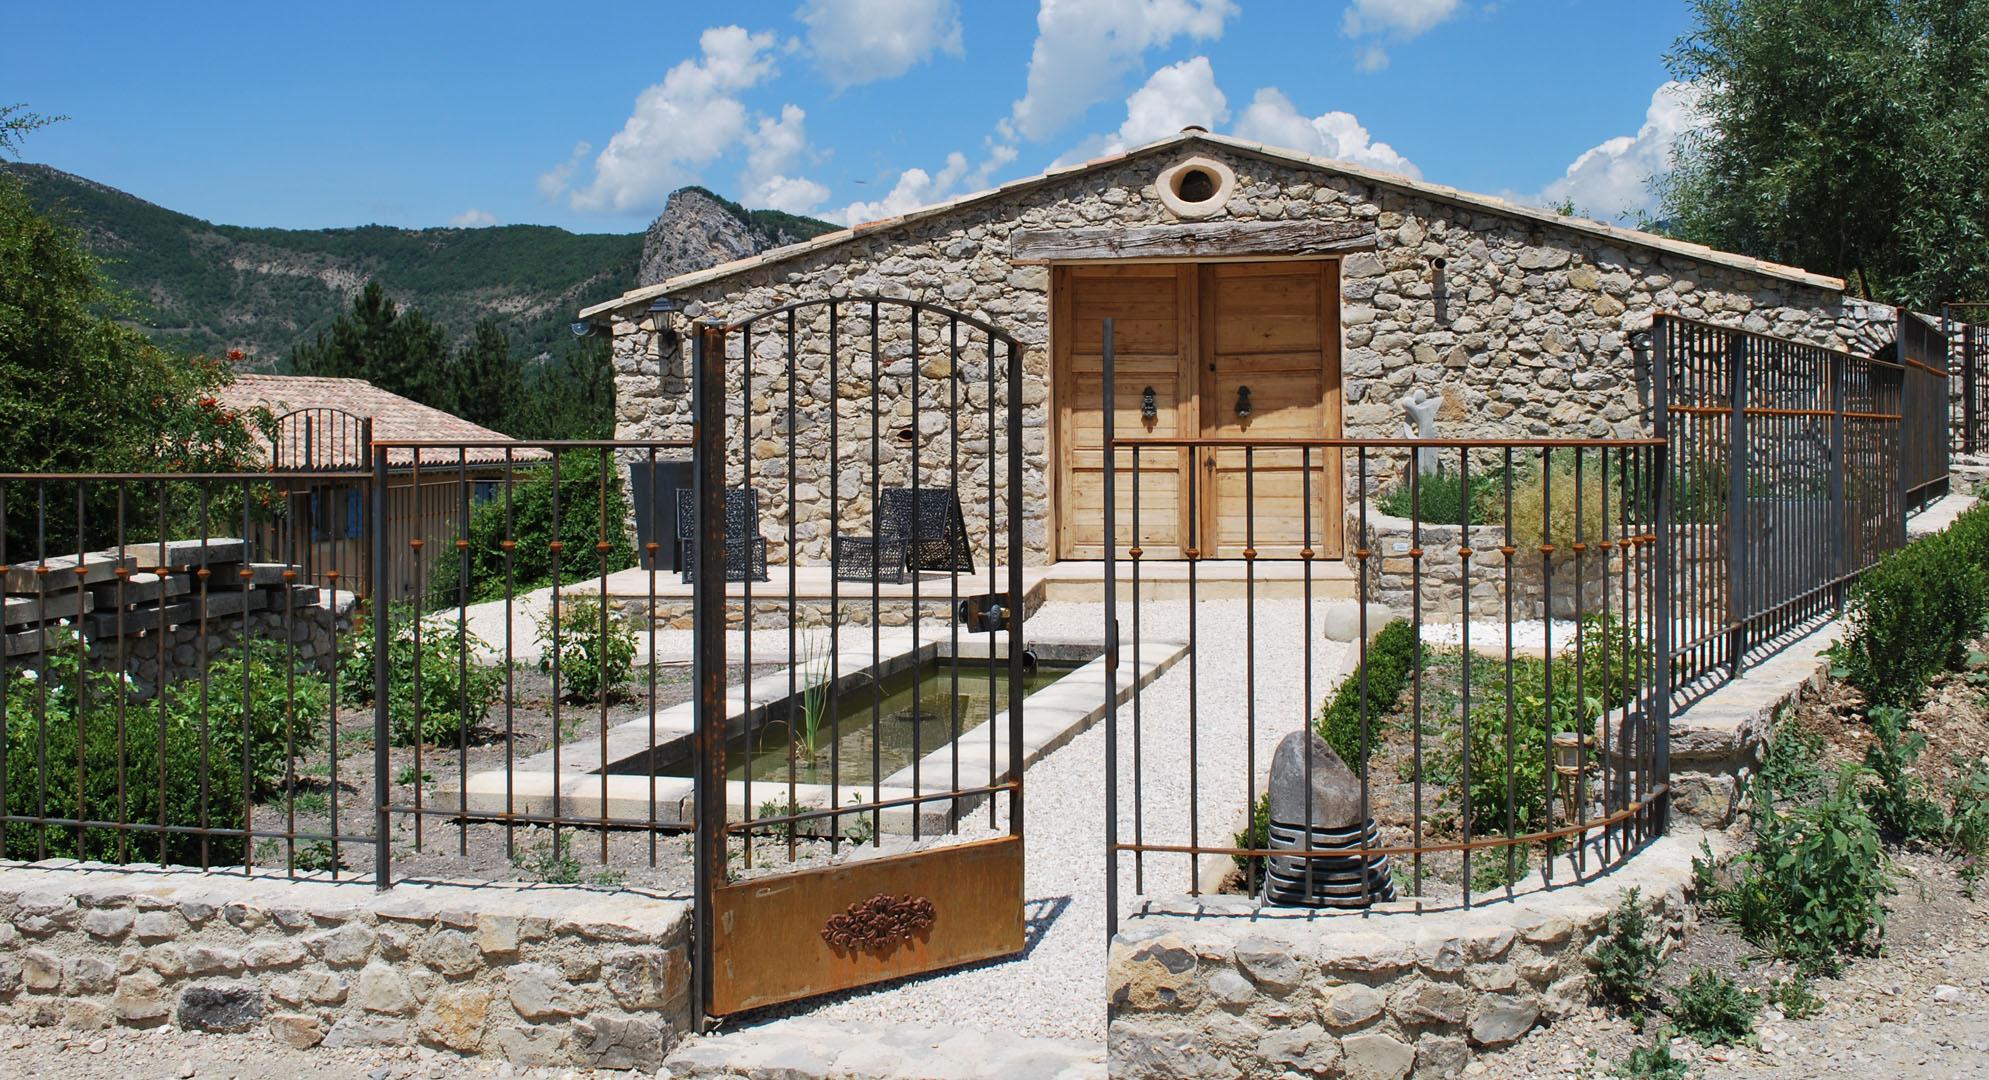 chambre d hotes drome provencale maison drome provencale ferme ventana blog